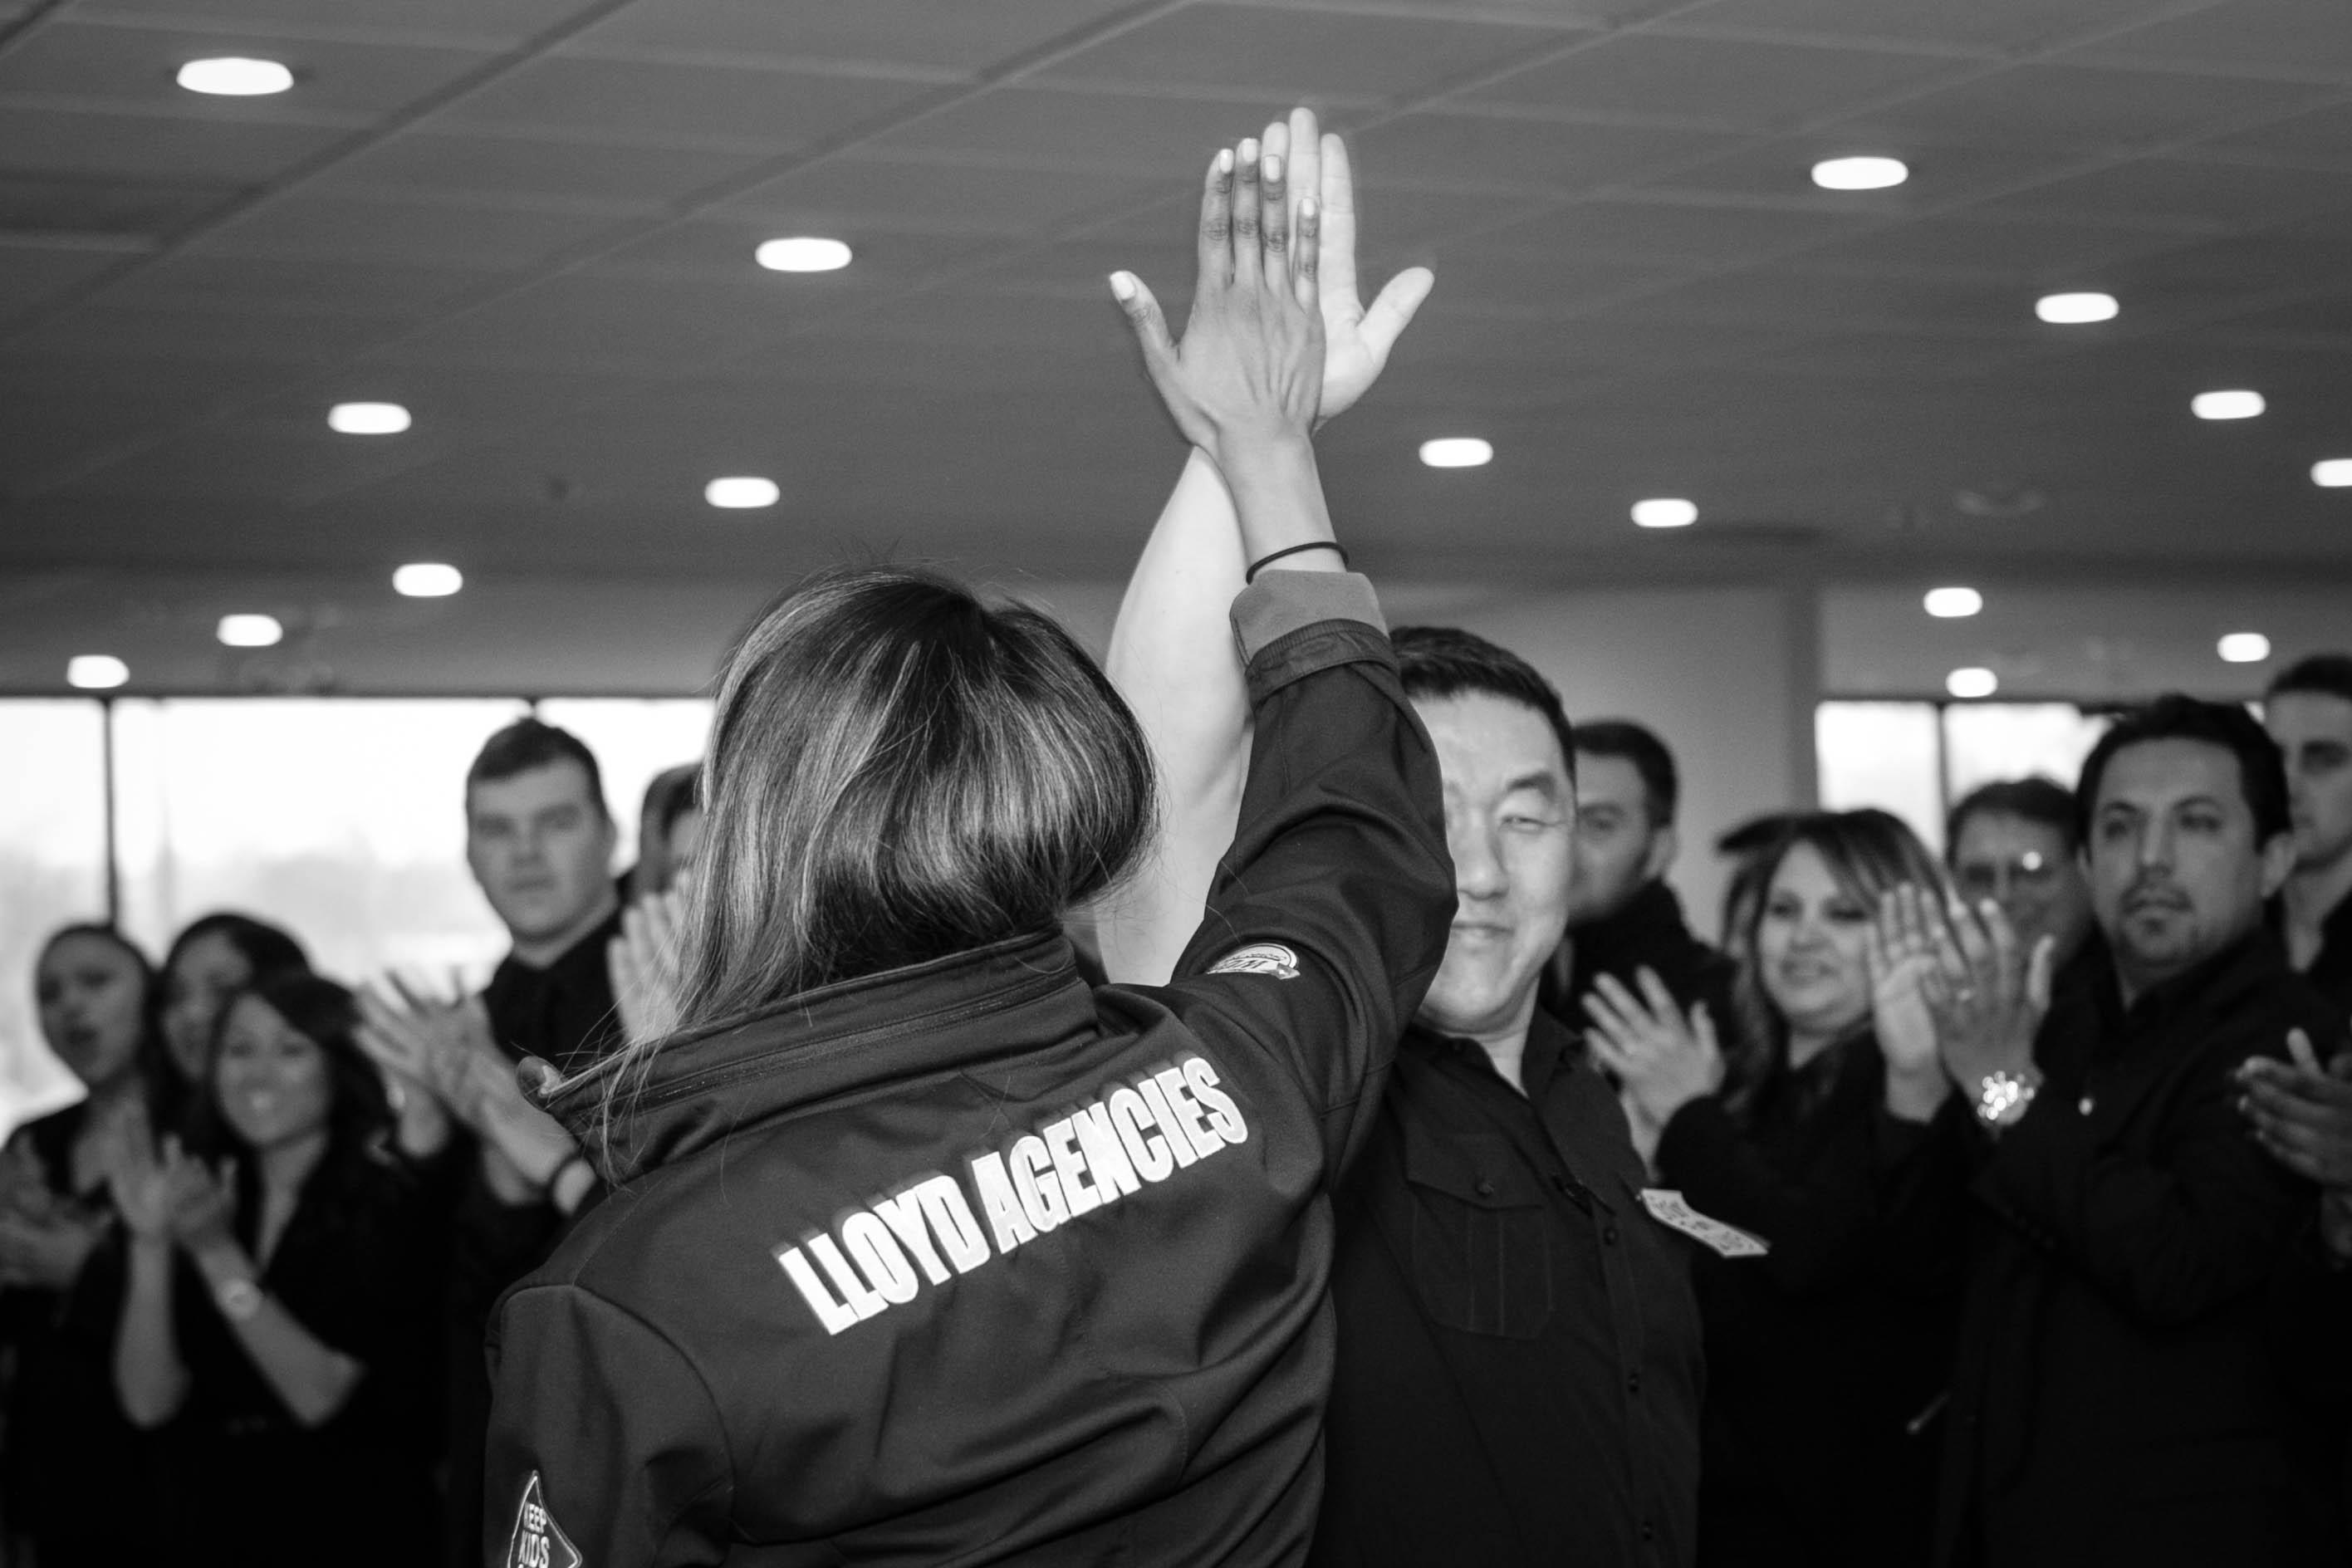 Lloyd agencies - team training